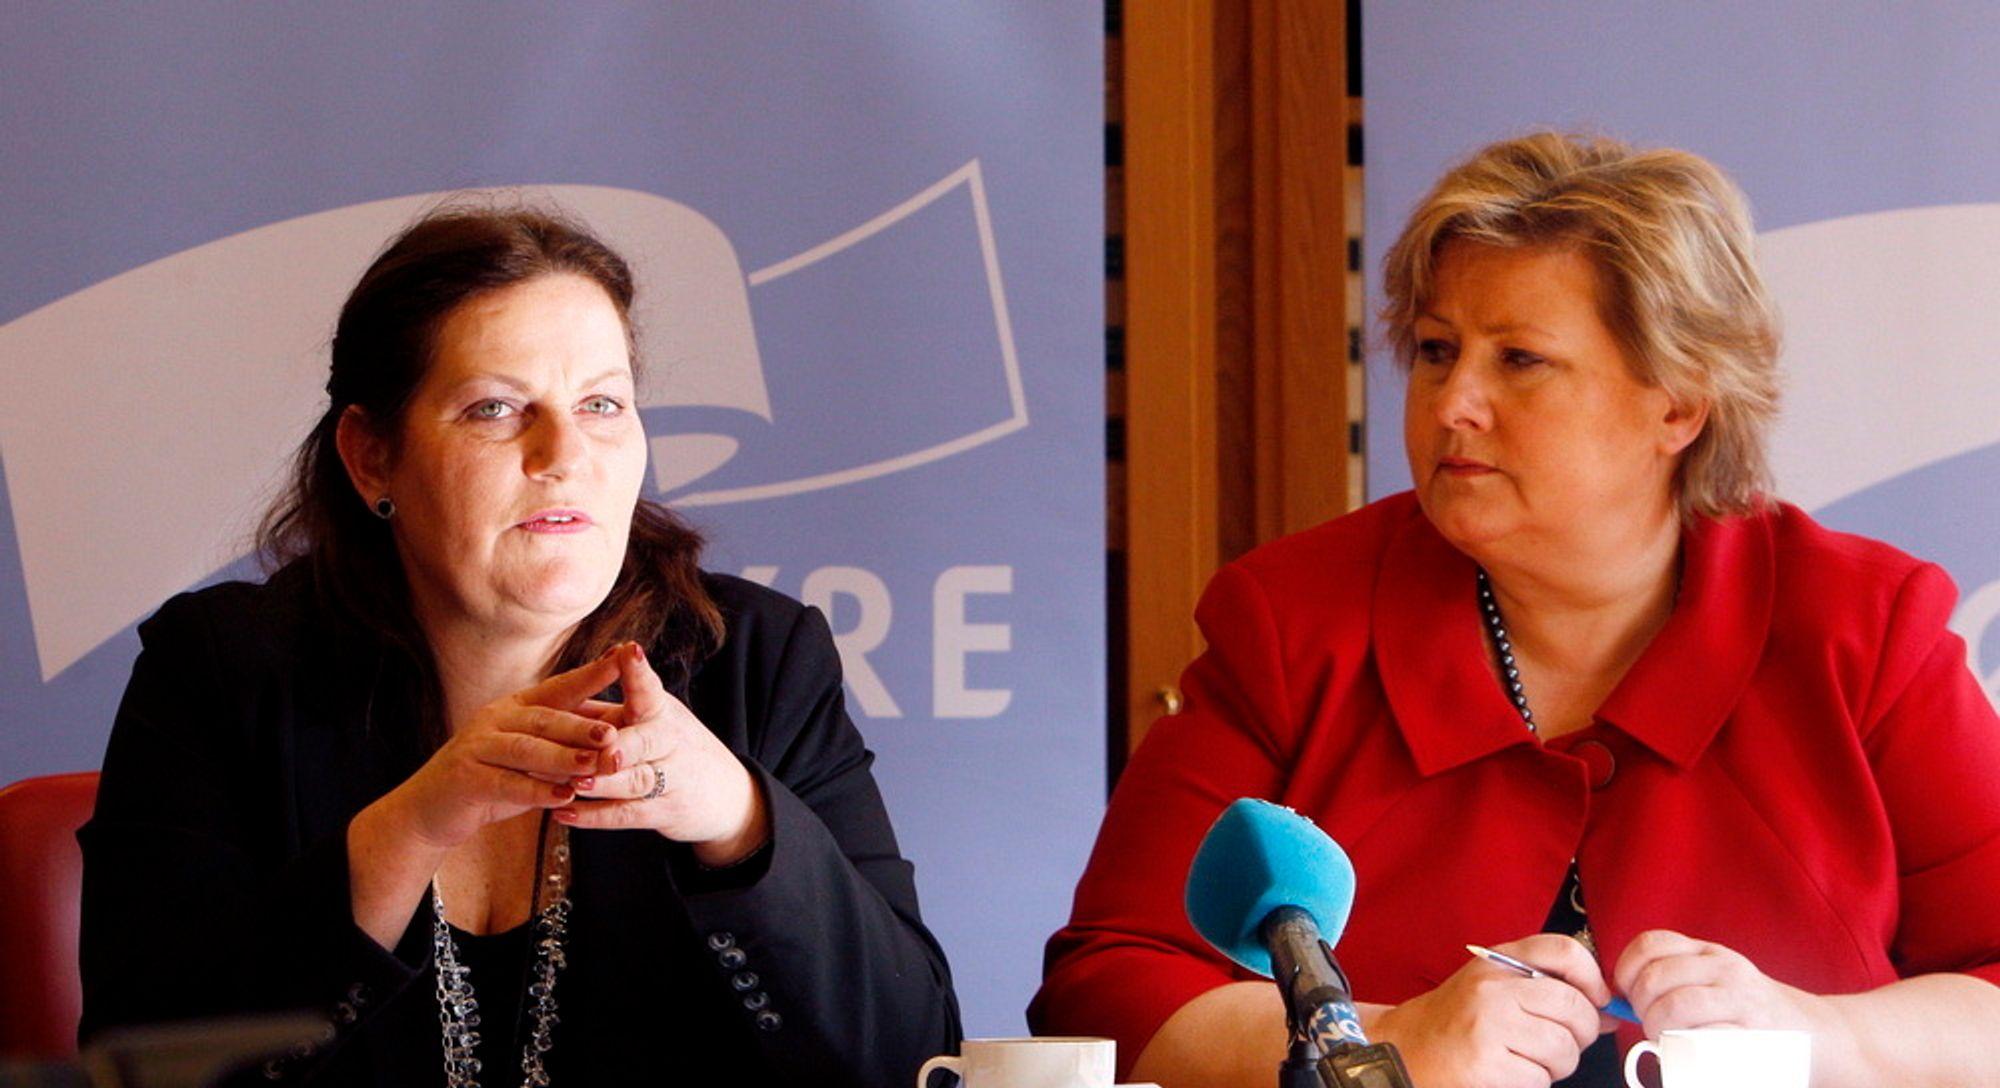 Leder i Høyre, Erna Solberg (t.h.), og energipolitisk talskvinne i Høyre, Siri A. Meling.